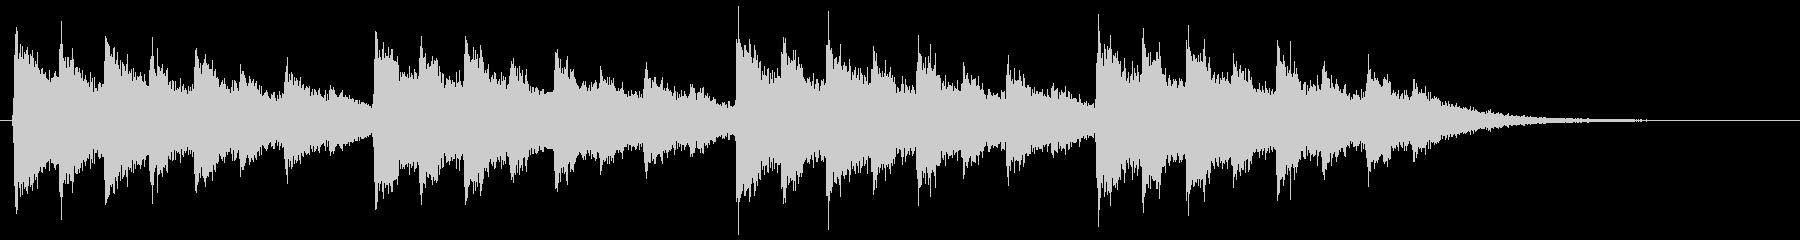 148クリスマスのベル音1の未再生の波形